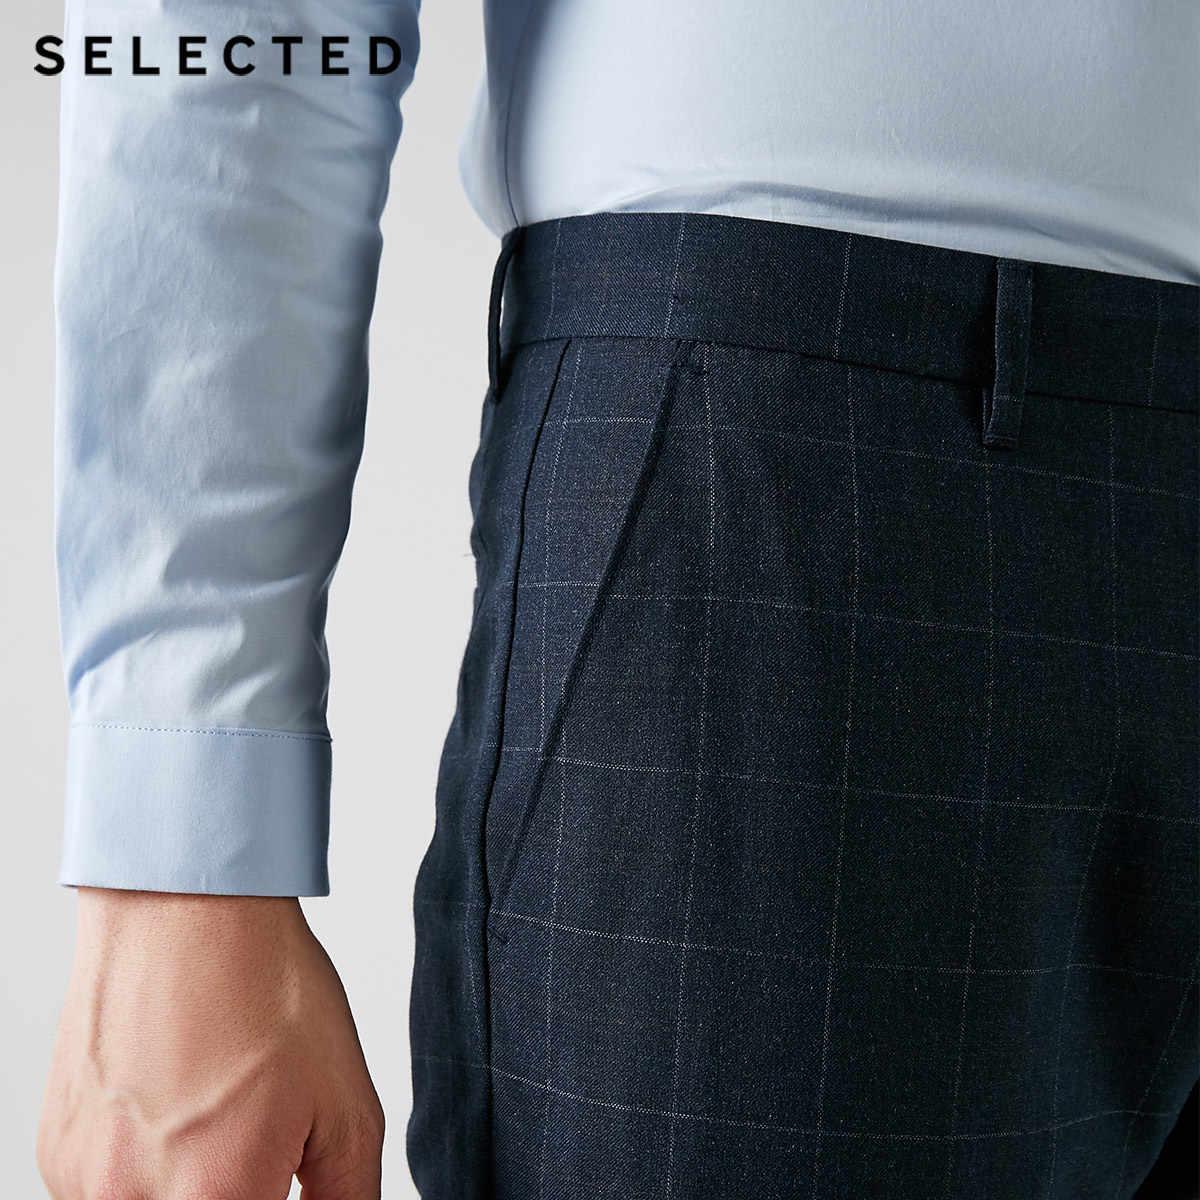 اختيار الرجال الخريف سليم صالح منقوشة سراويل تقليدية S | 418314558